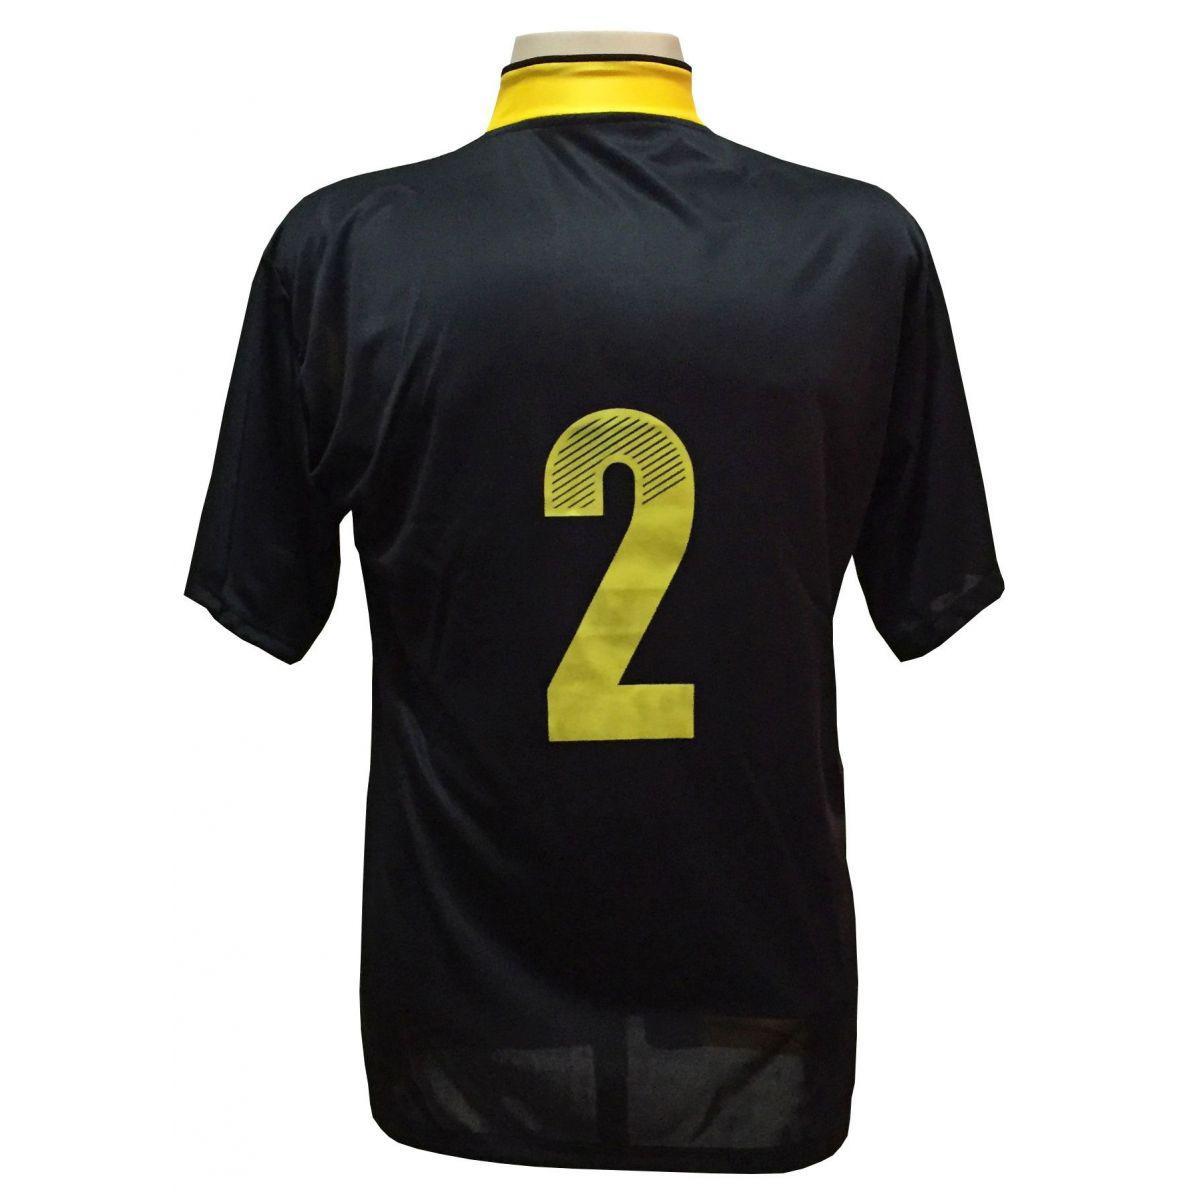 1616ffce0a Uniforme Esportivo com 14 camisas modelo Suécia Preto Amarelo + 14 calções  modelo Madrid Preto + 14 pares de meiões Preto - Play fair R  659